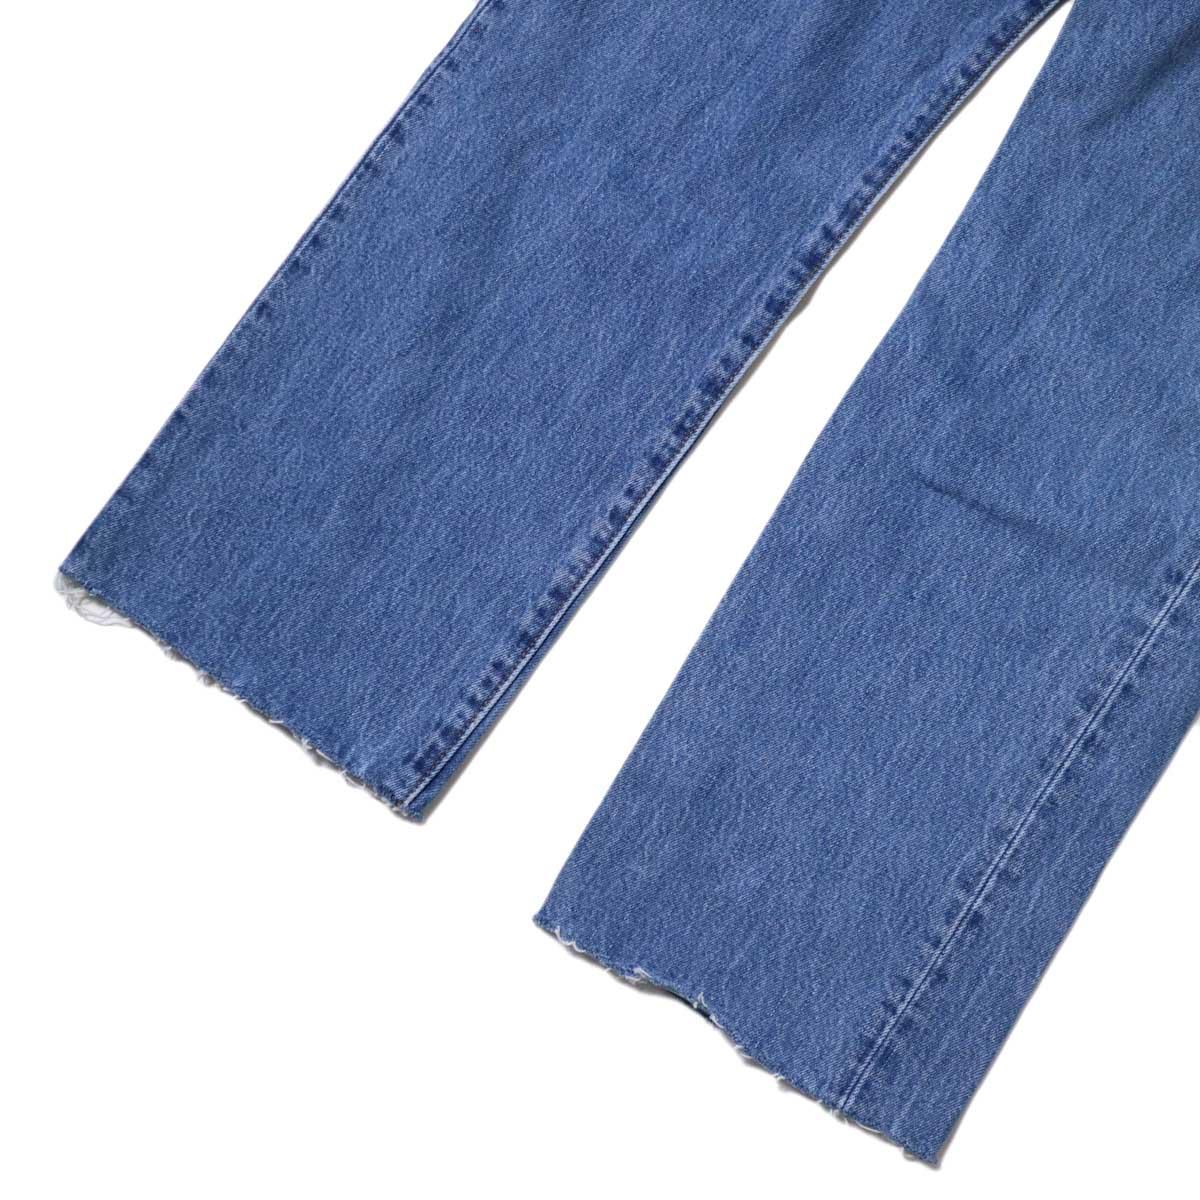 BONUM / BELTED 5P DENIM (30inch) -F 裾